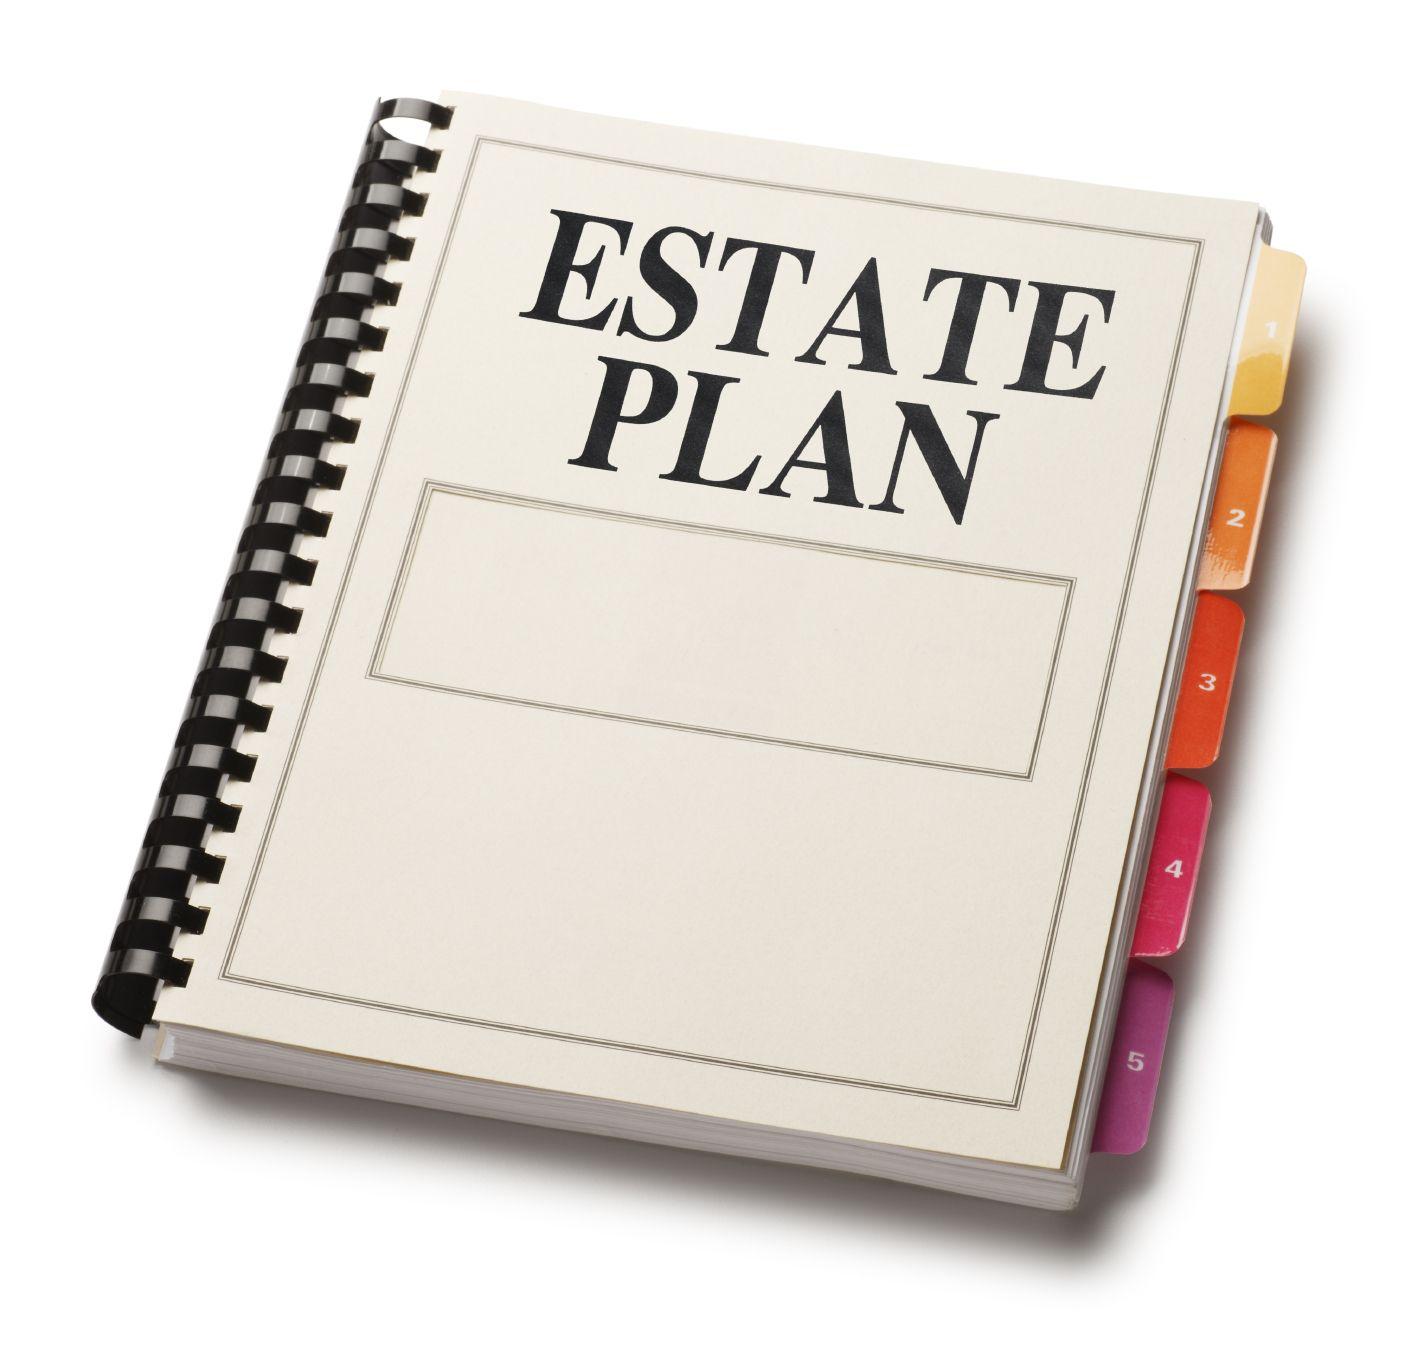 Estate Plan  Image Source HttpWwwAssetprotectionlawjournal